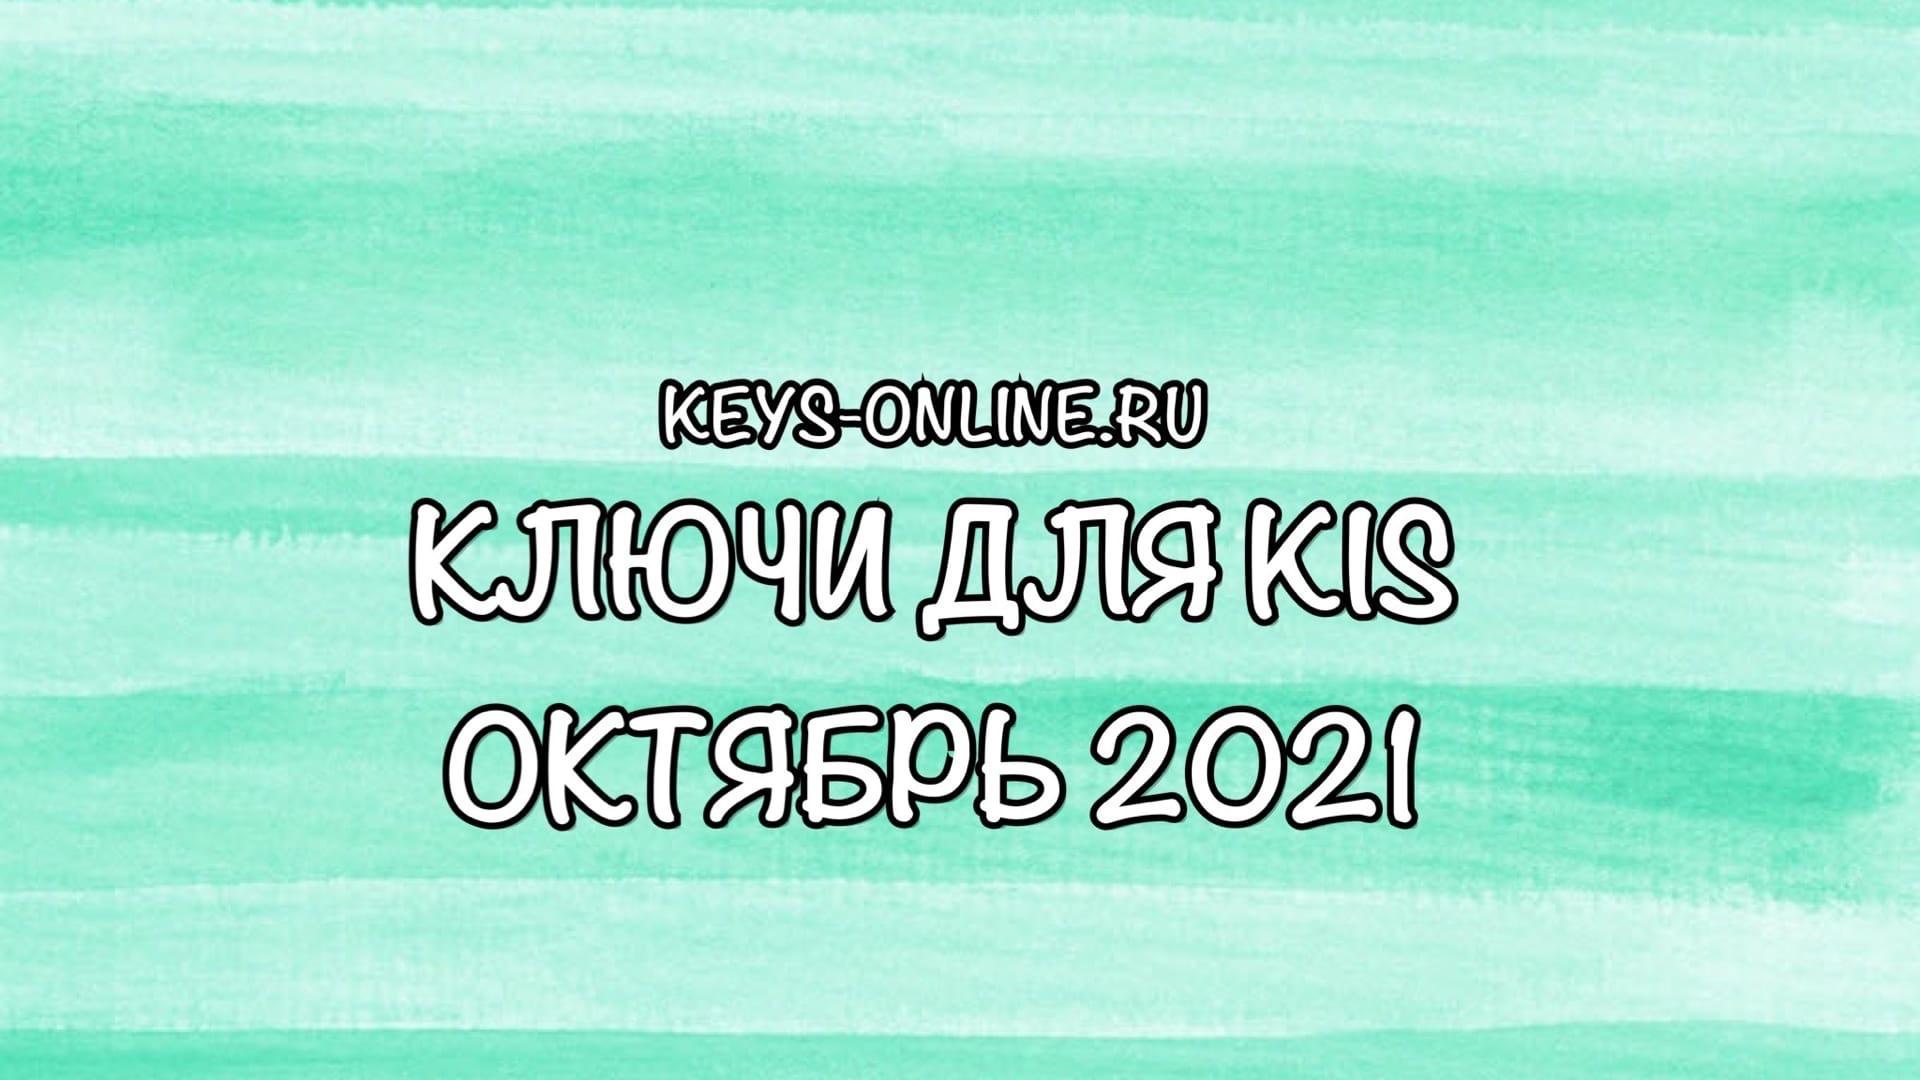 kluchi dlya kis octyabr 2021